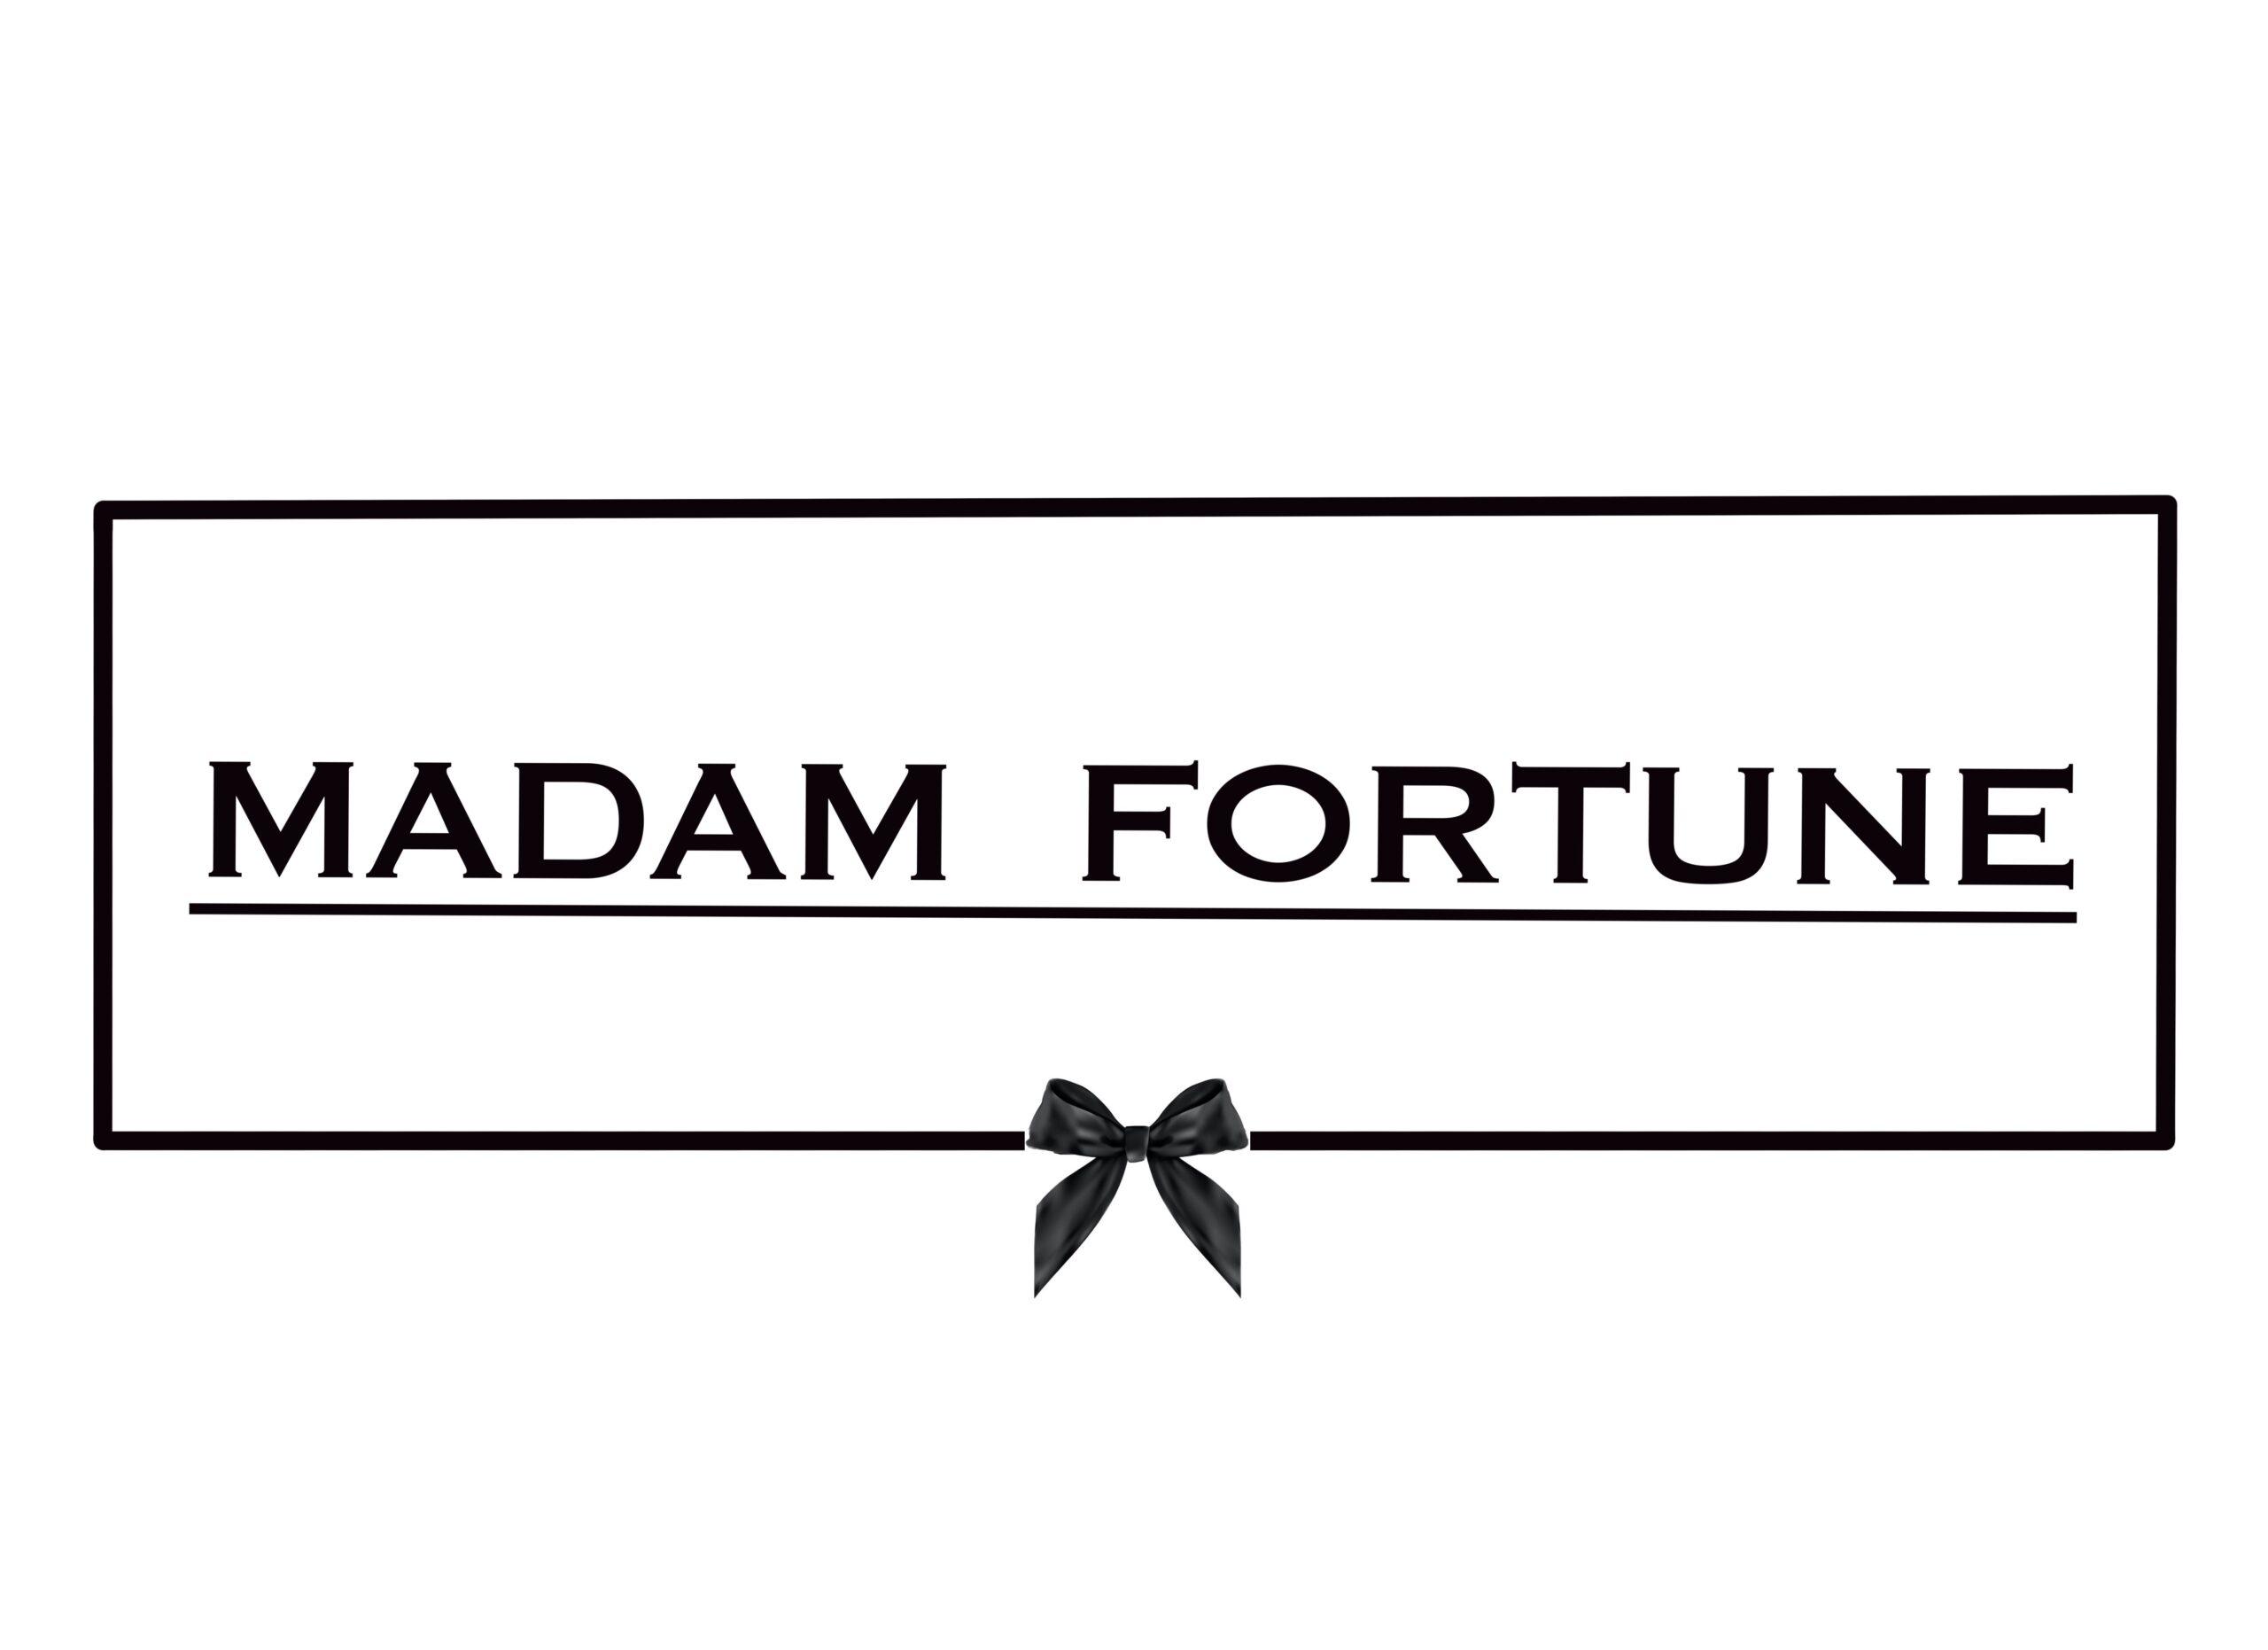 Madam Fortune, Soumya Saxena